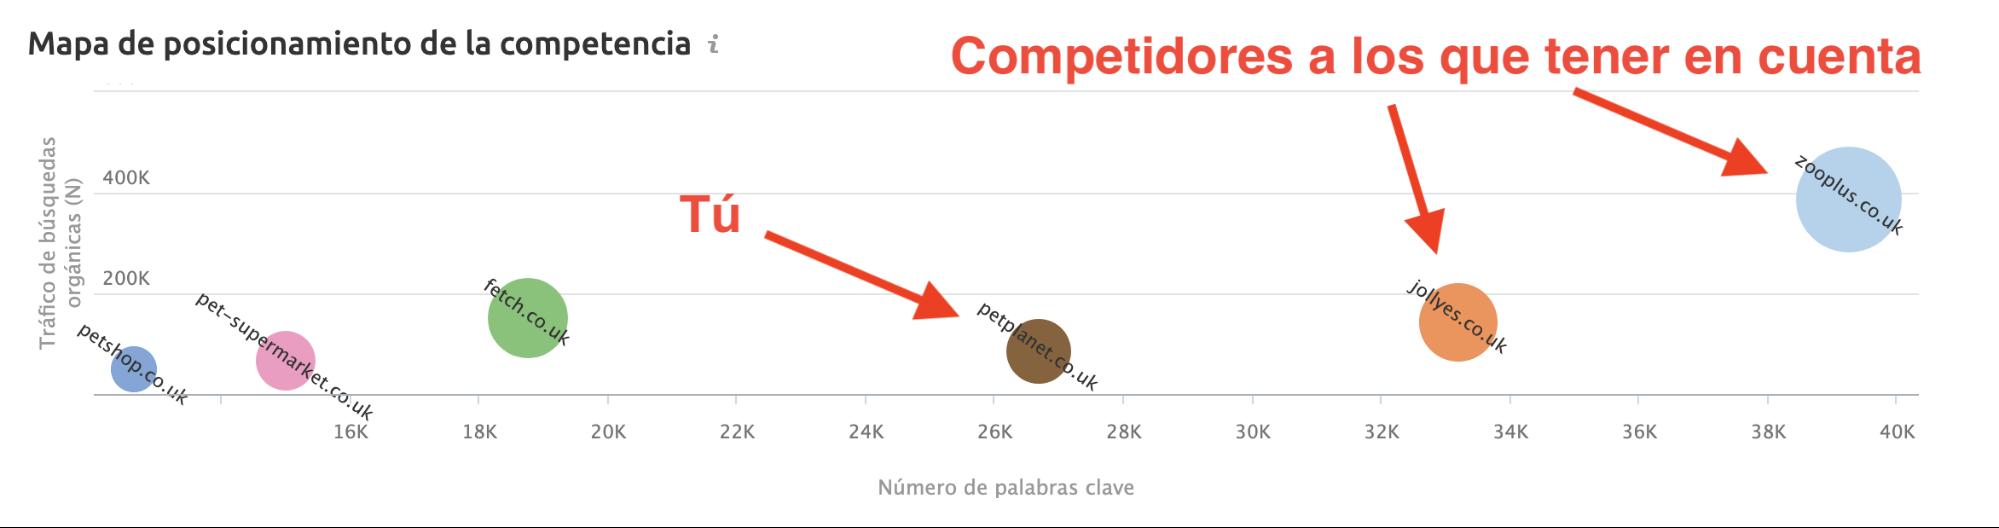 Estrategias de redes sociales competencia - Informe competidores